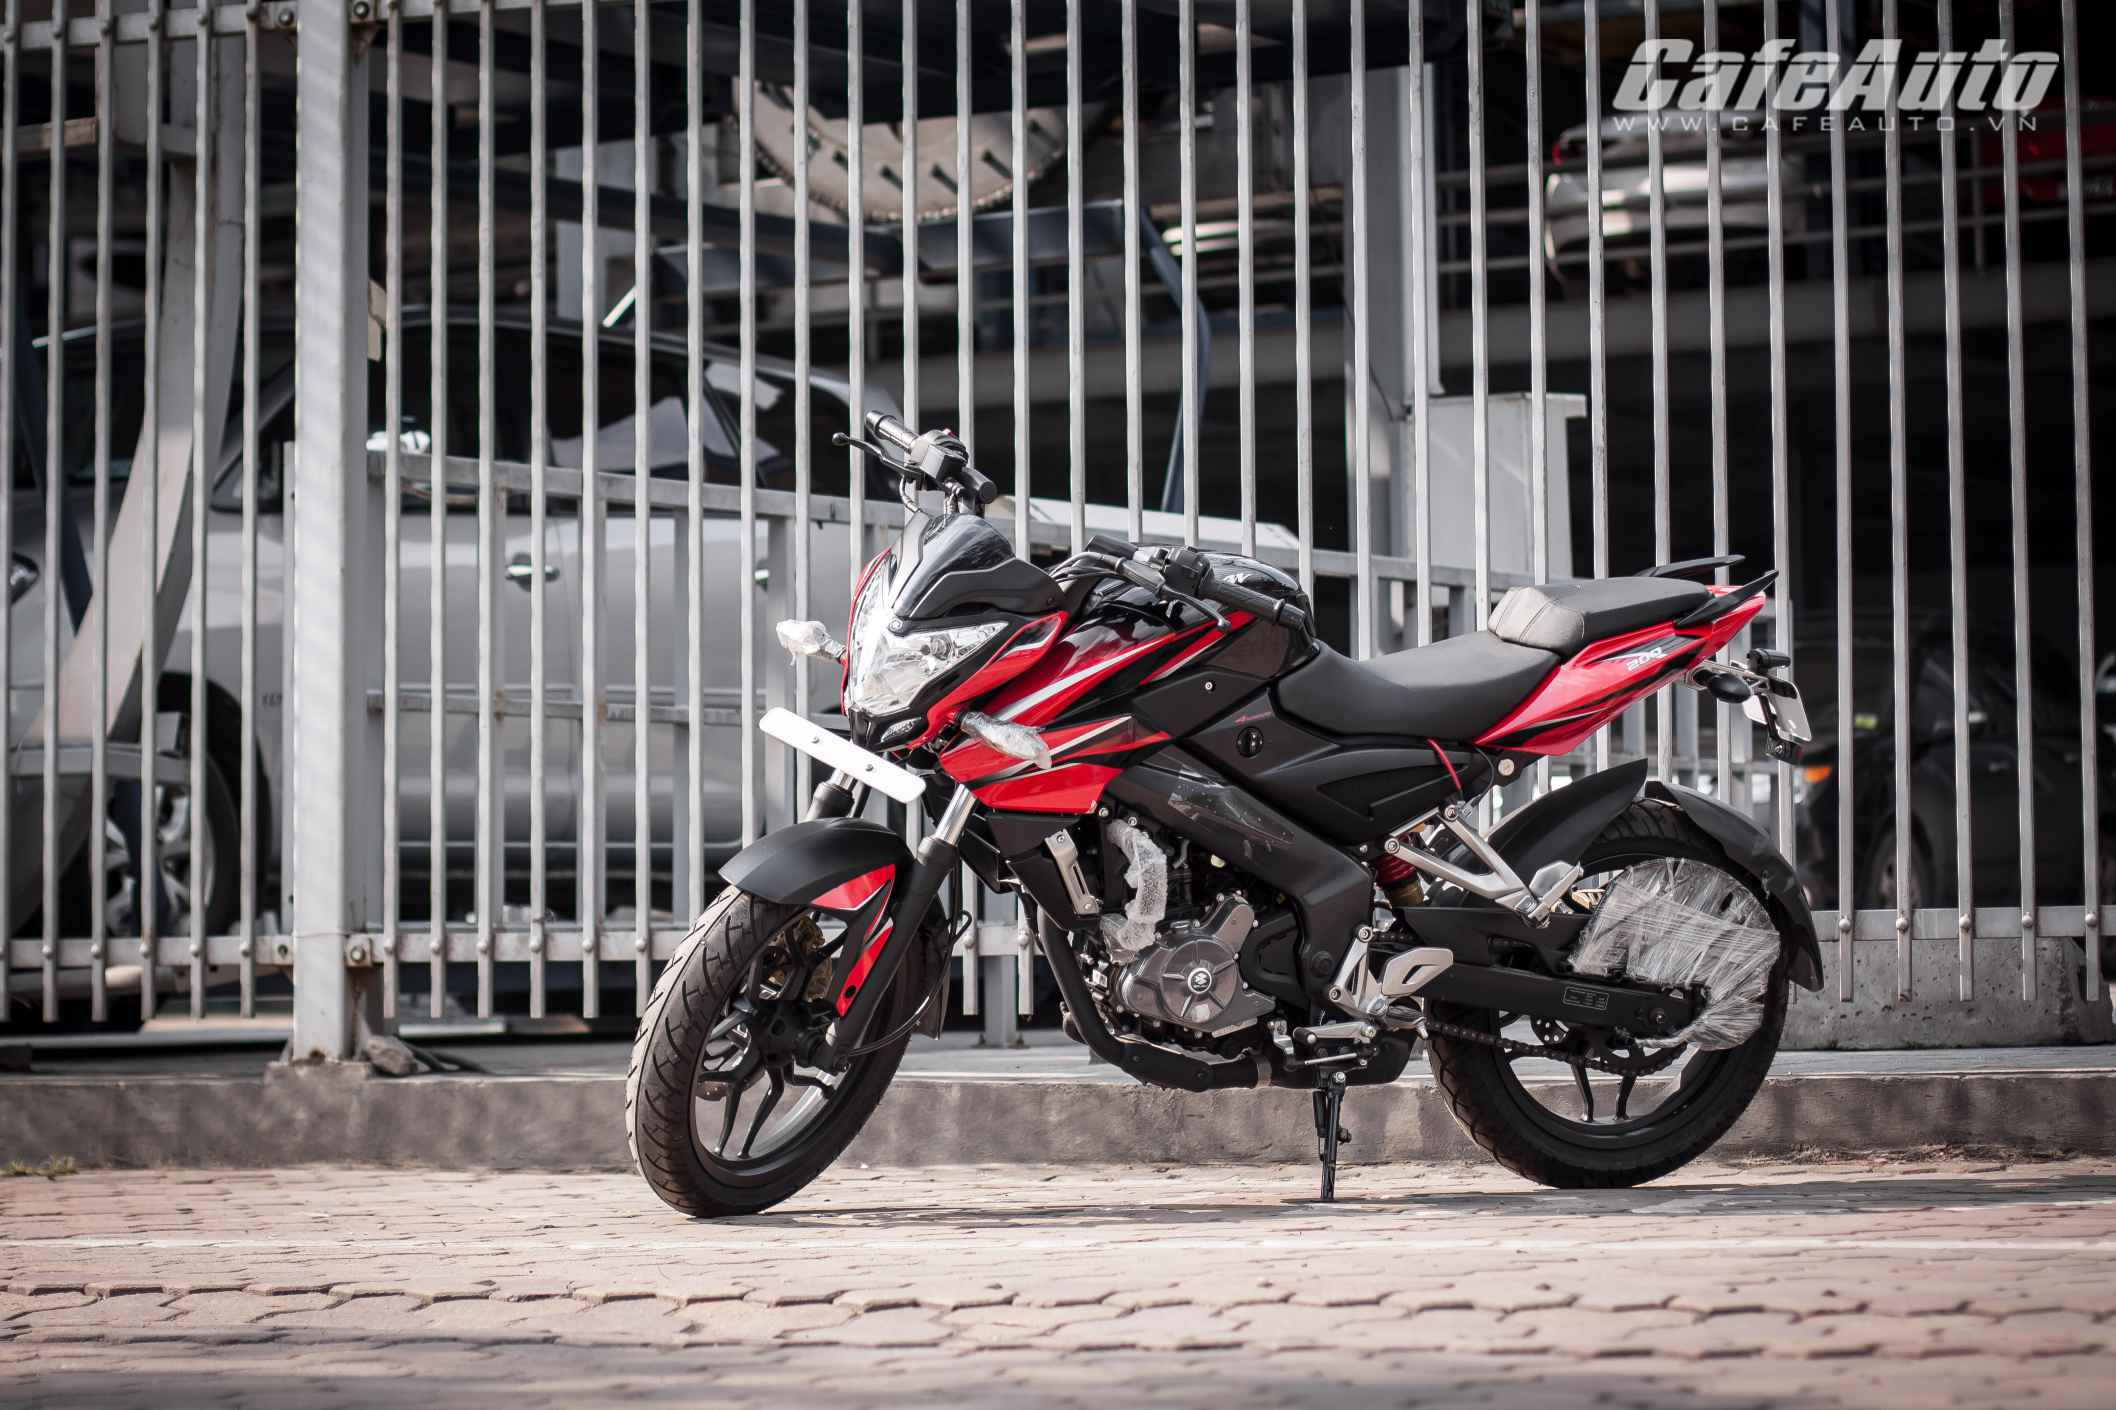 96 triệu đồng, naked-bike giá rẻ Bajaj Pulsar 200NS có gì?